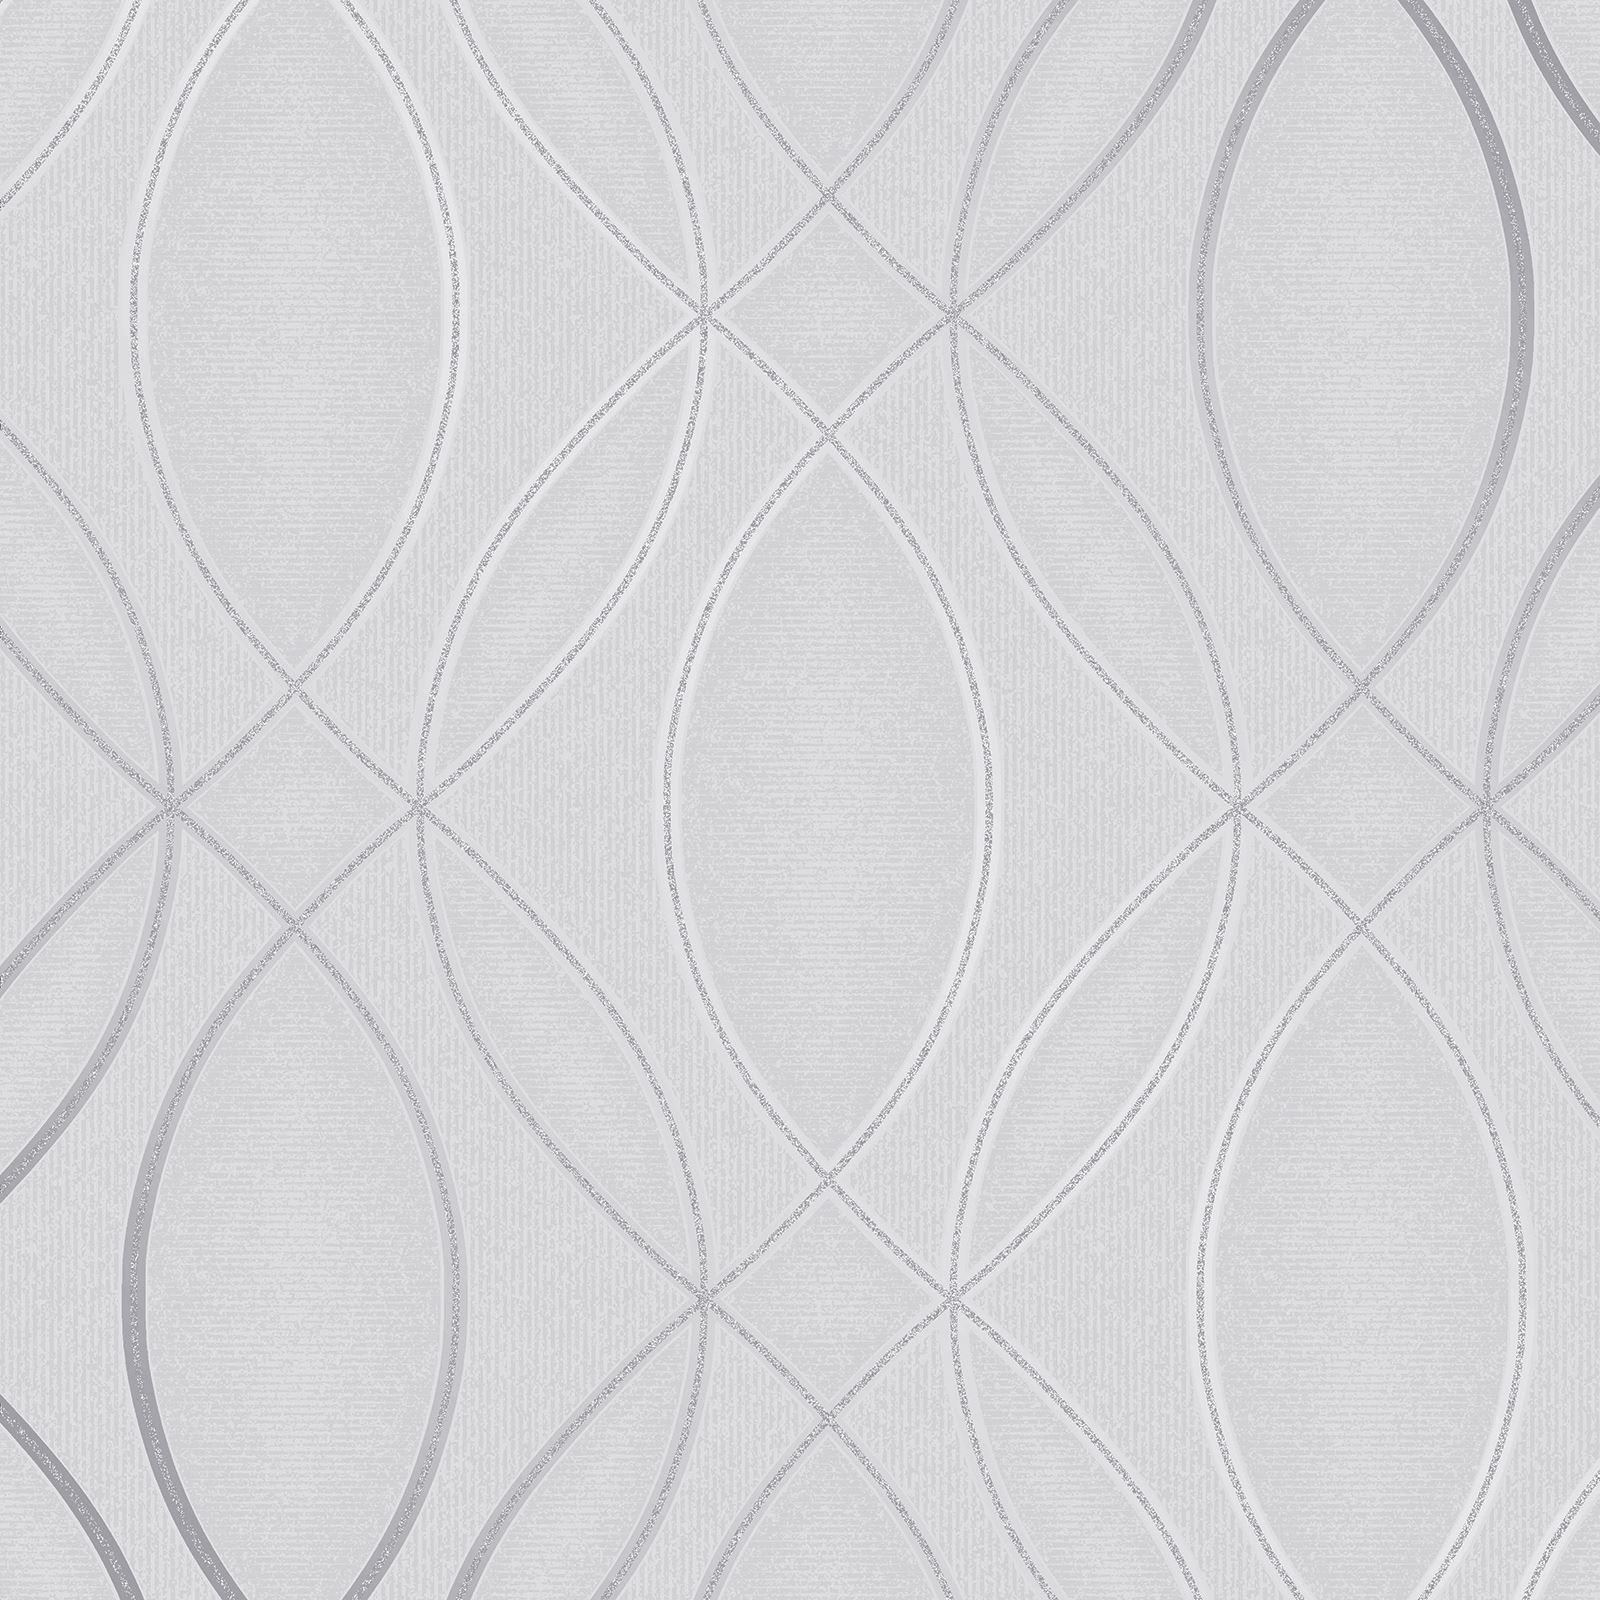 Papier Peint Capitonné Gris détails sur impulsion ogee vague papier peint argent / gris - fine decor  fd42337 paillette